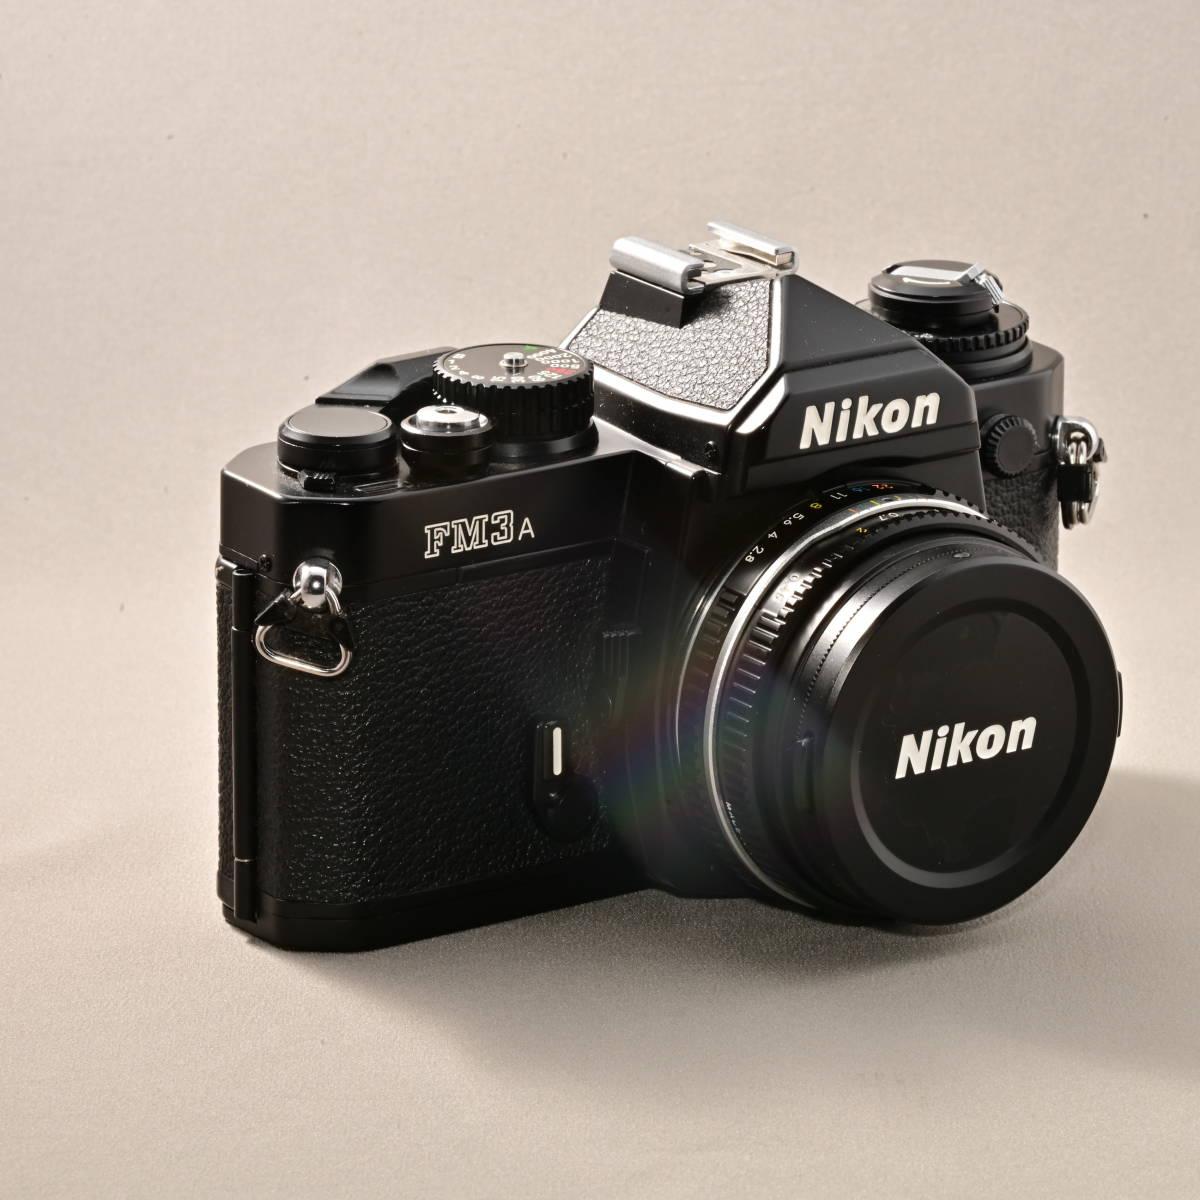 ニコン NIKON FM3A + NIKKOR 45mm F2.8P_画像5